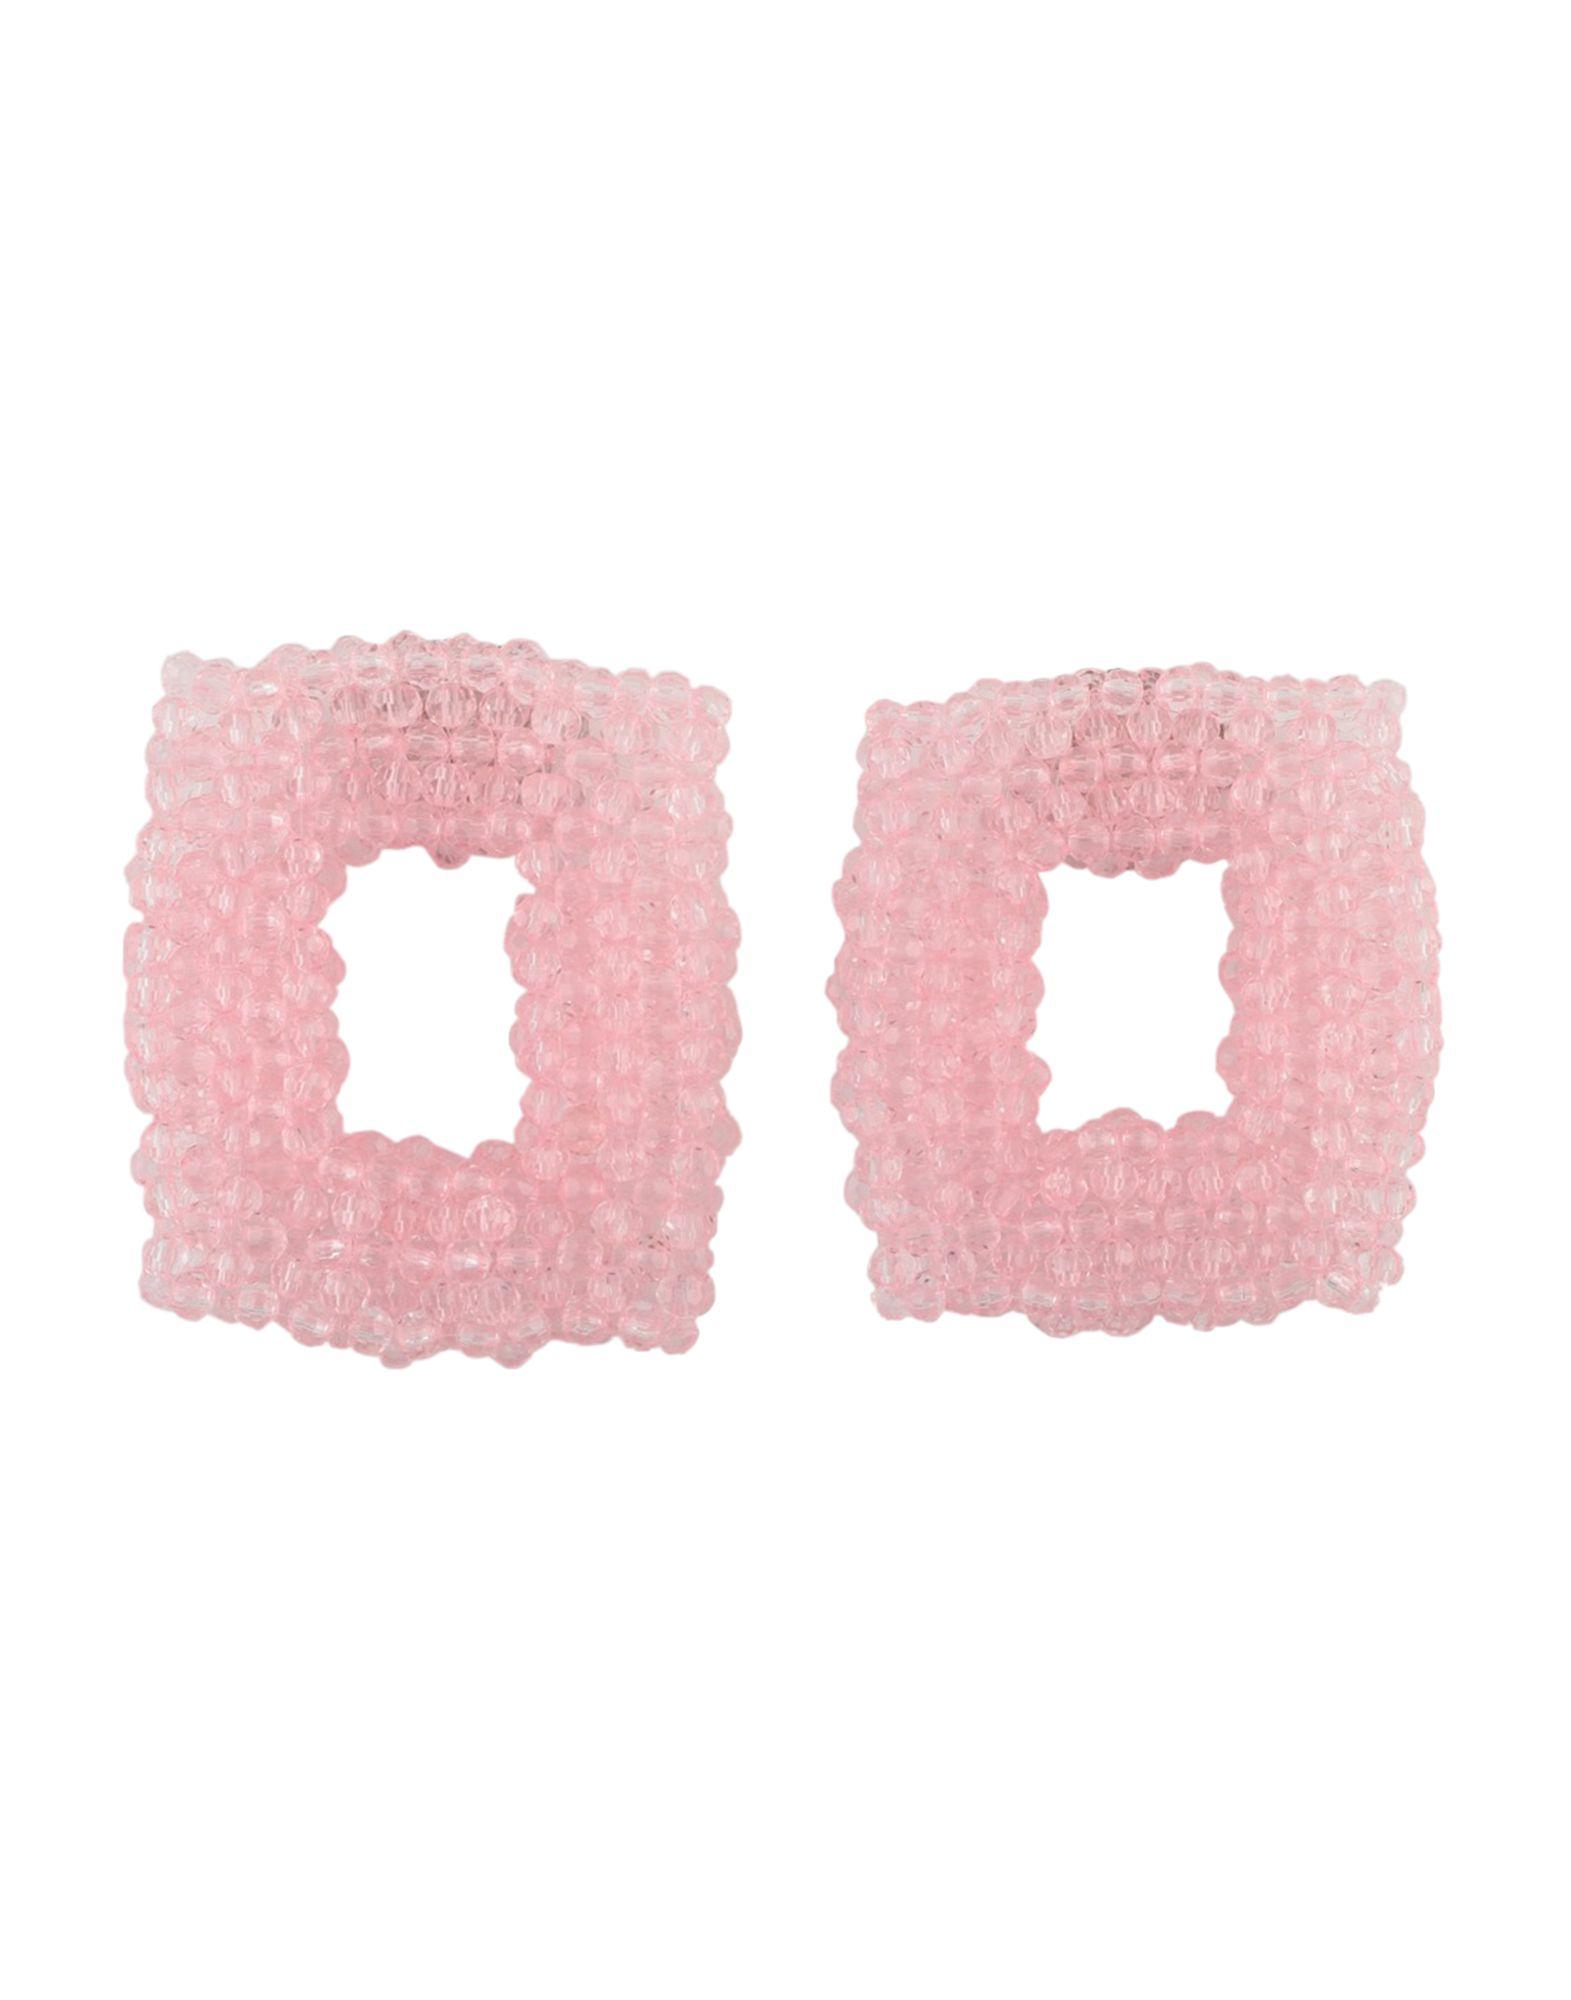 《セール開催中》DRIES VAN NOTEN レディース イヤリング ライトピンク PMMA アクリル樹脂 100%